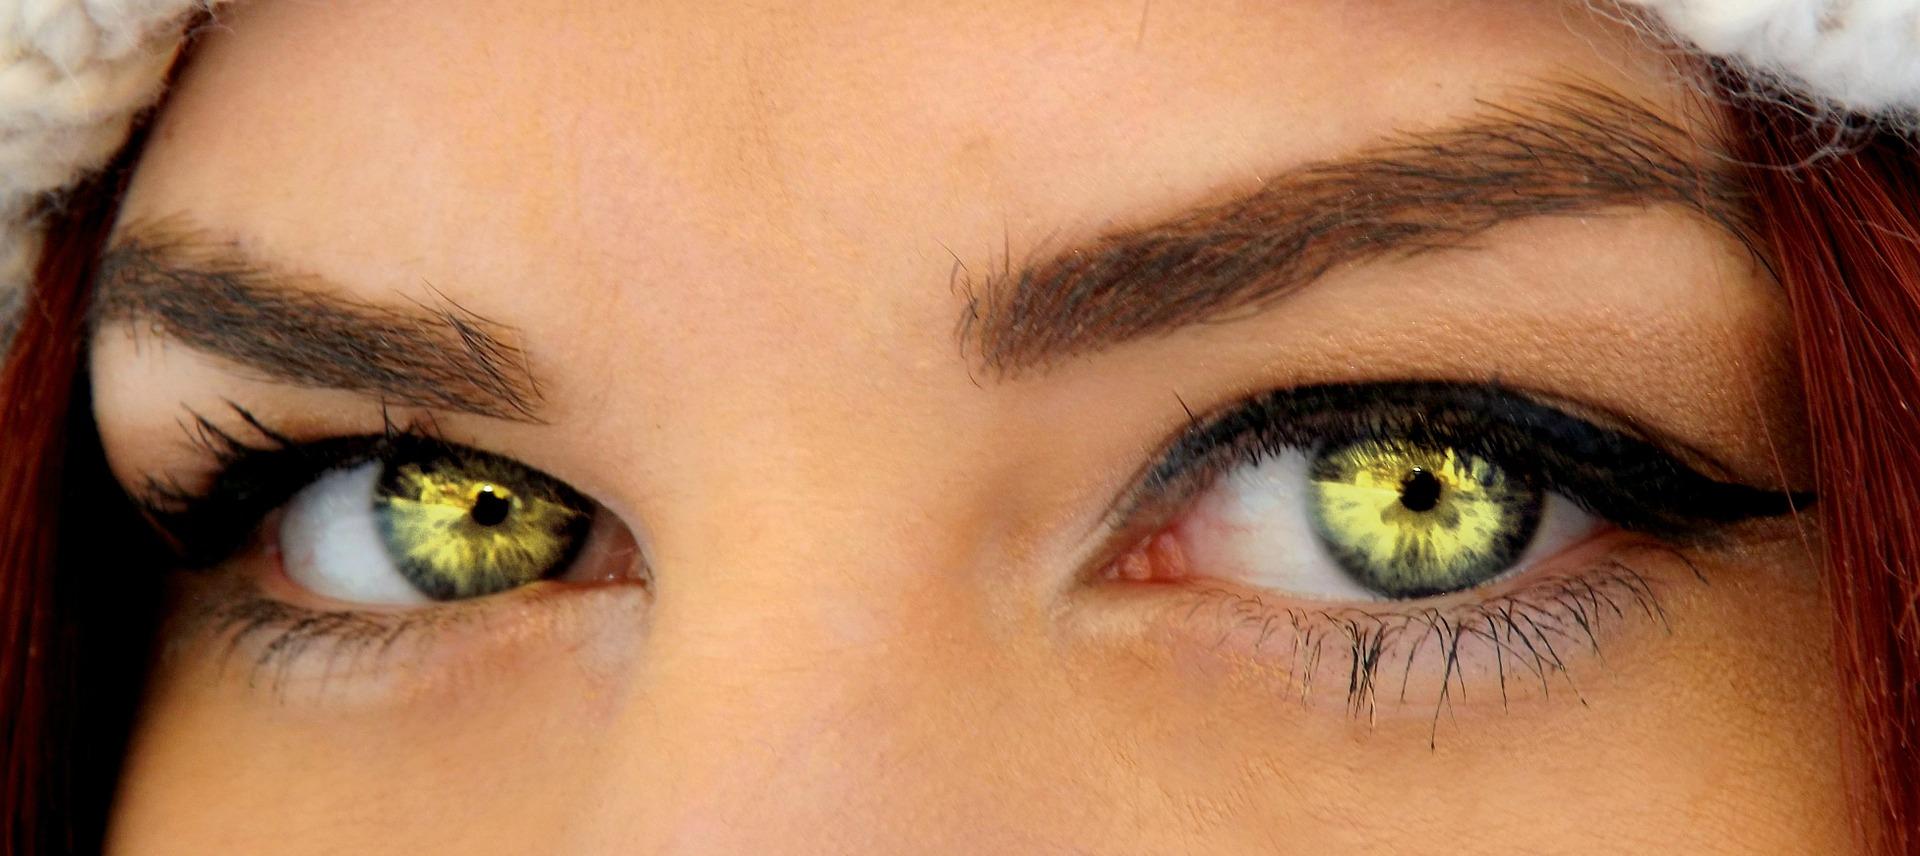 KRESKĄ W OKO, czyli jak ujarzmić eye linere`a